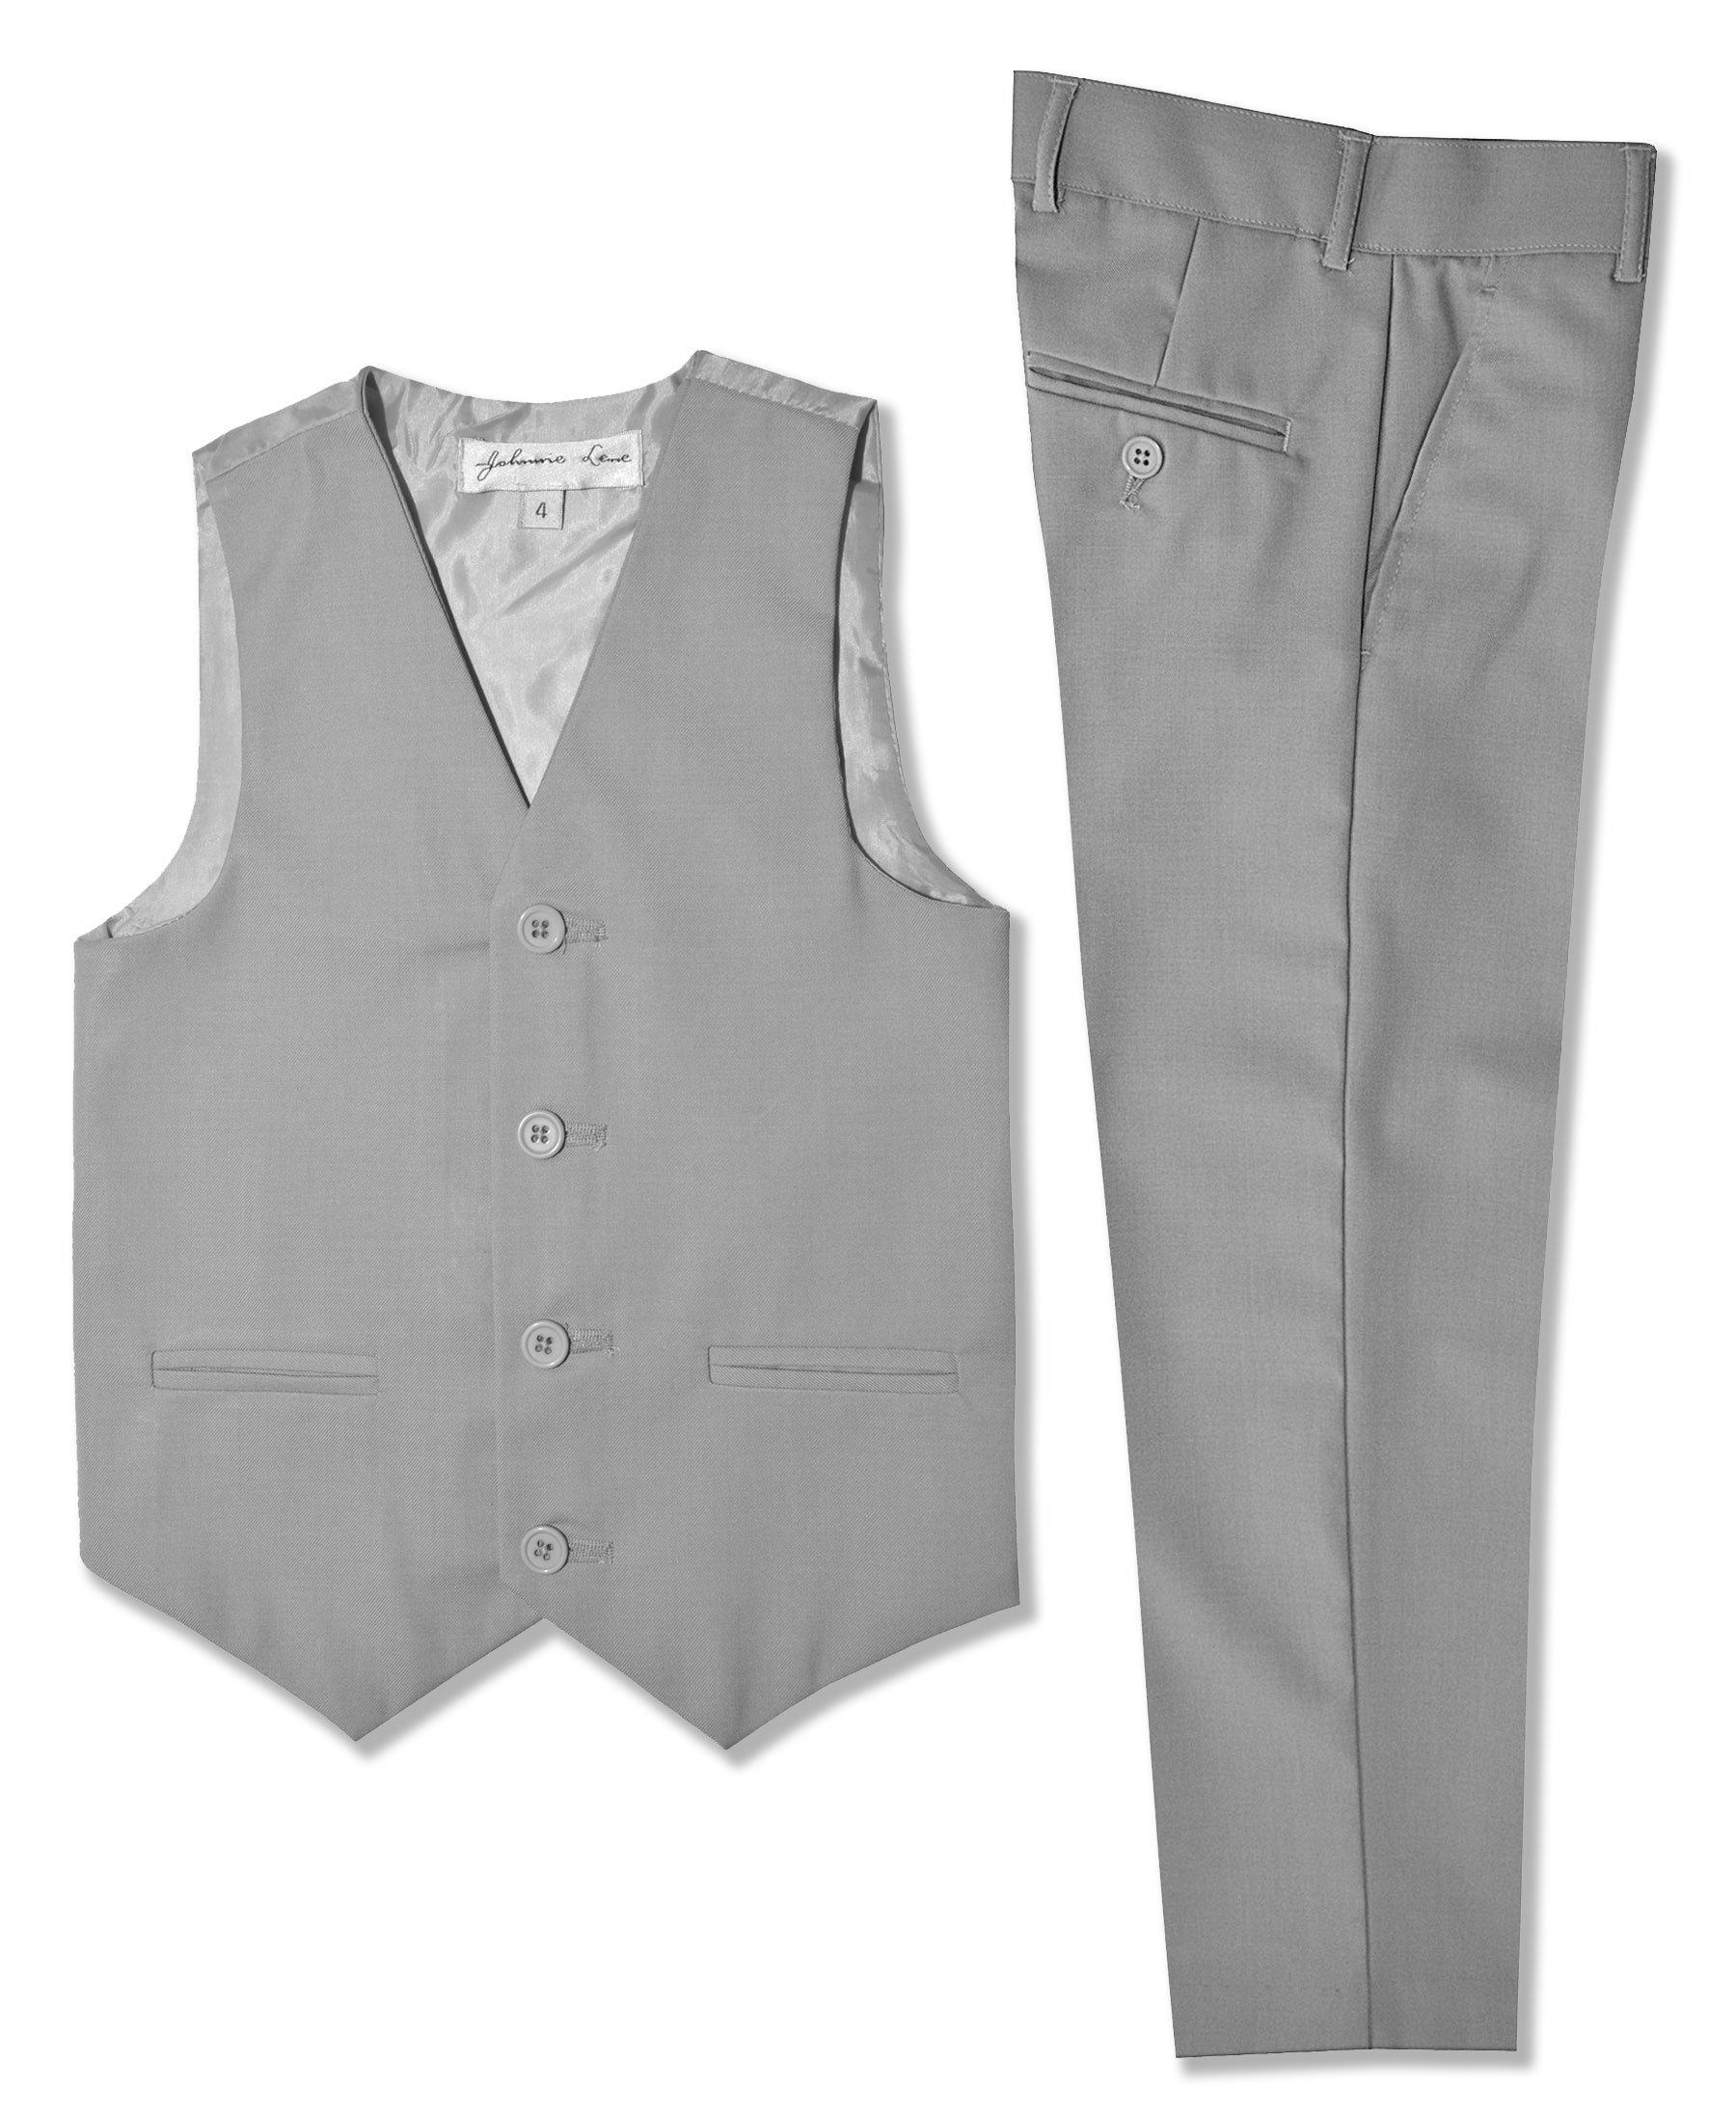 Boys Formal Vest And Pants Set #JL42 (12, Silver)